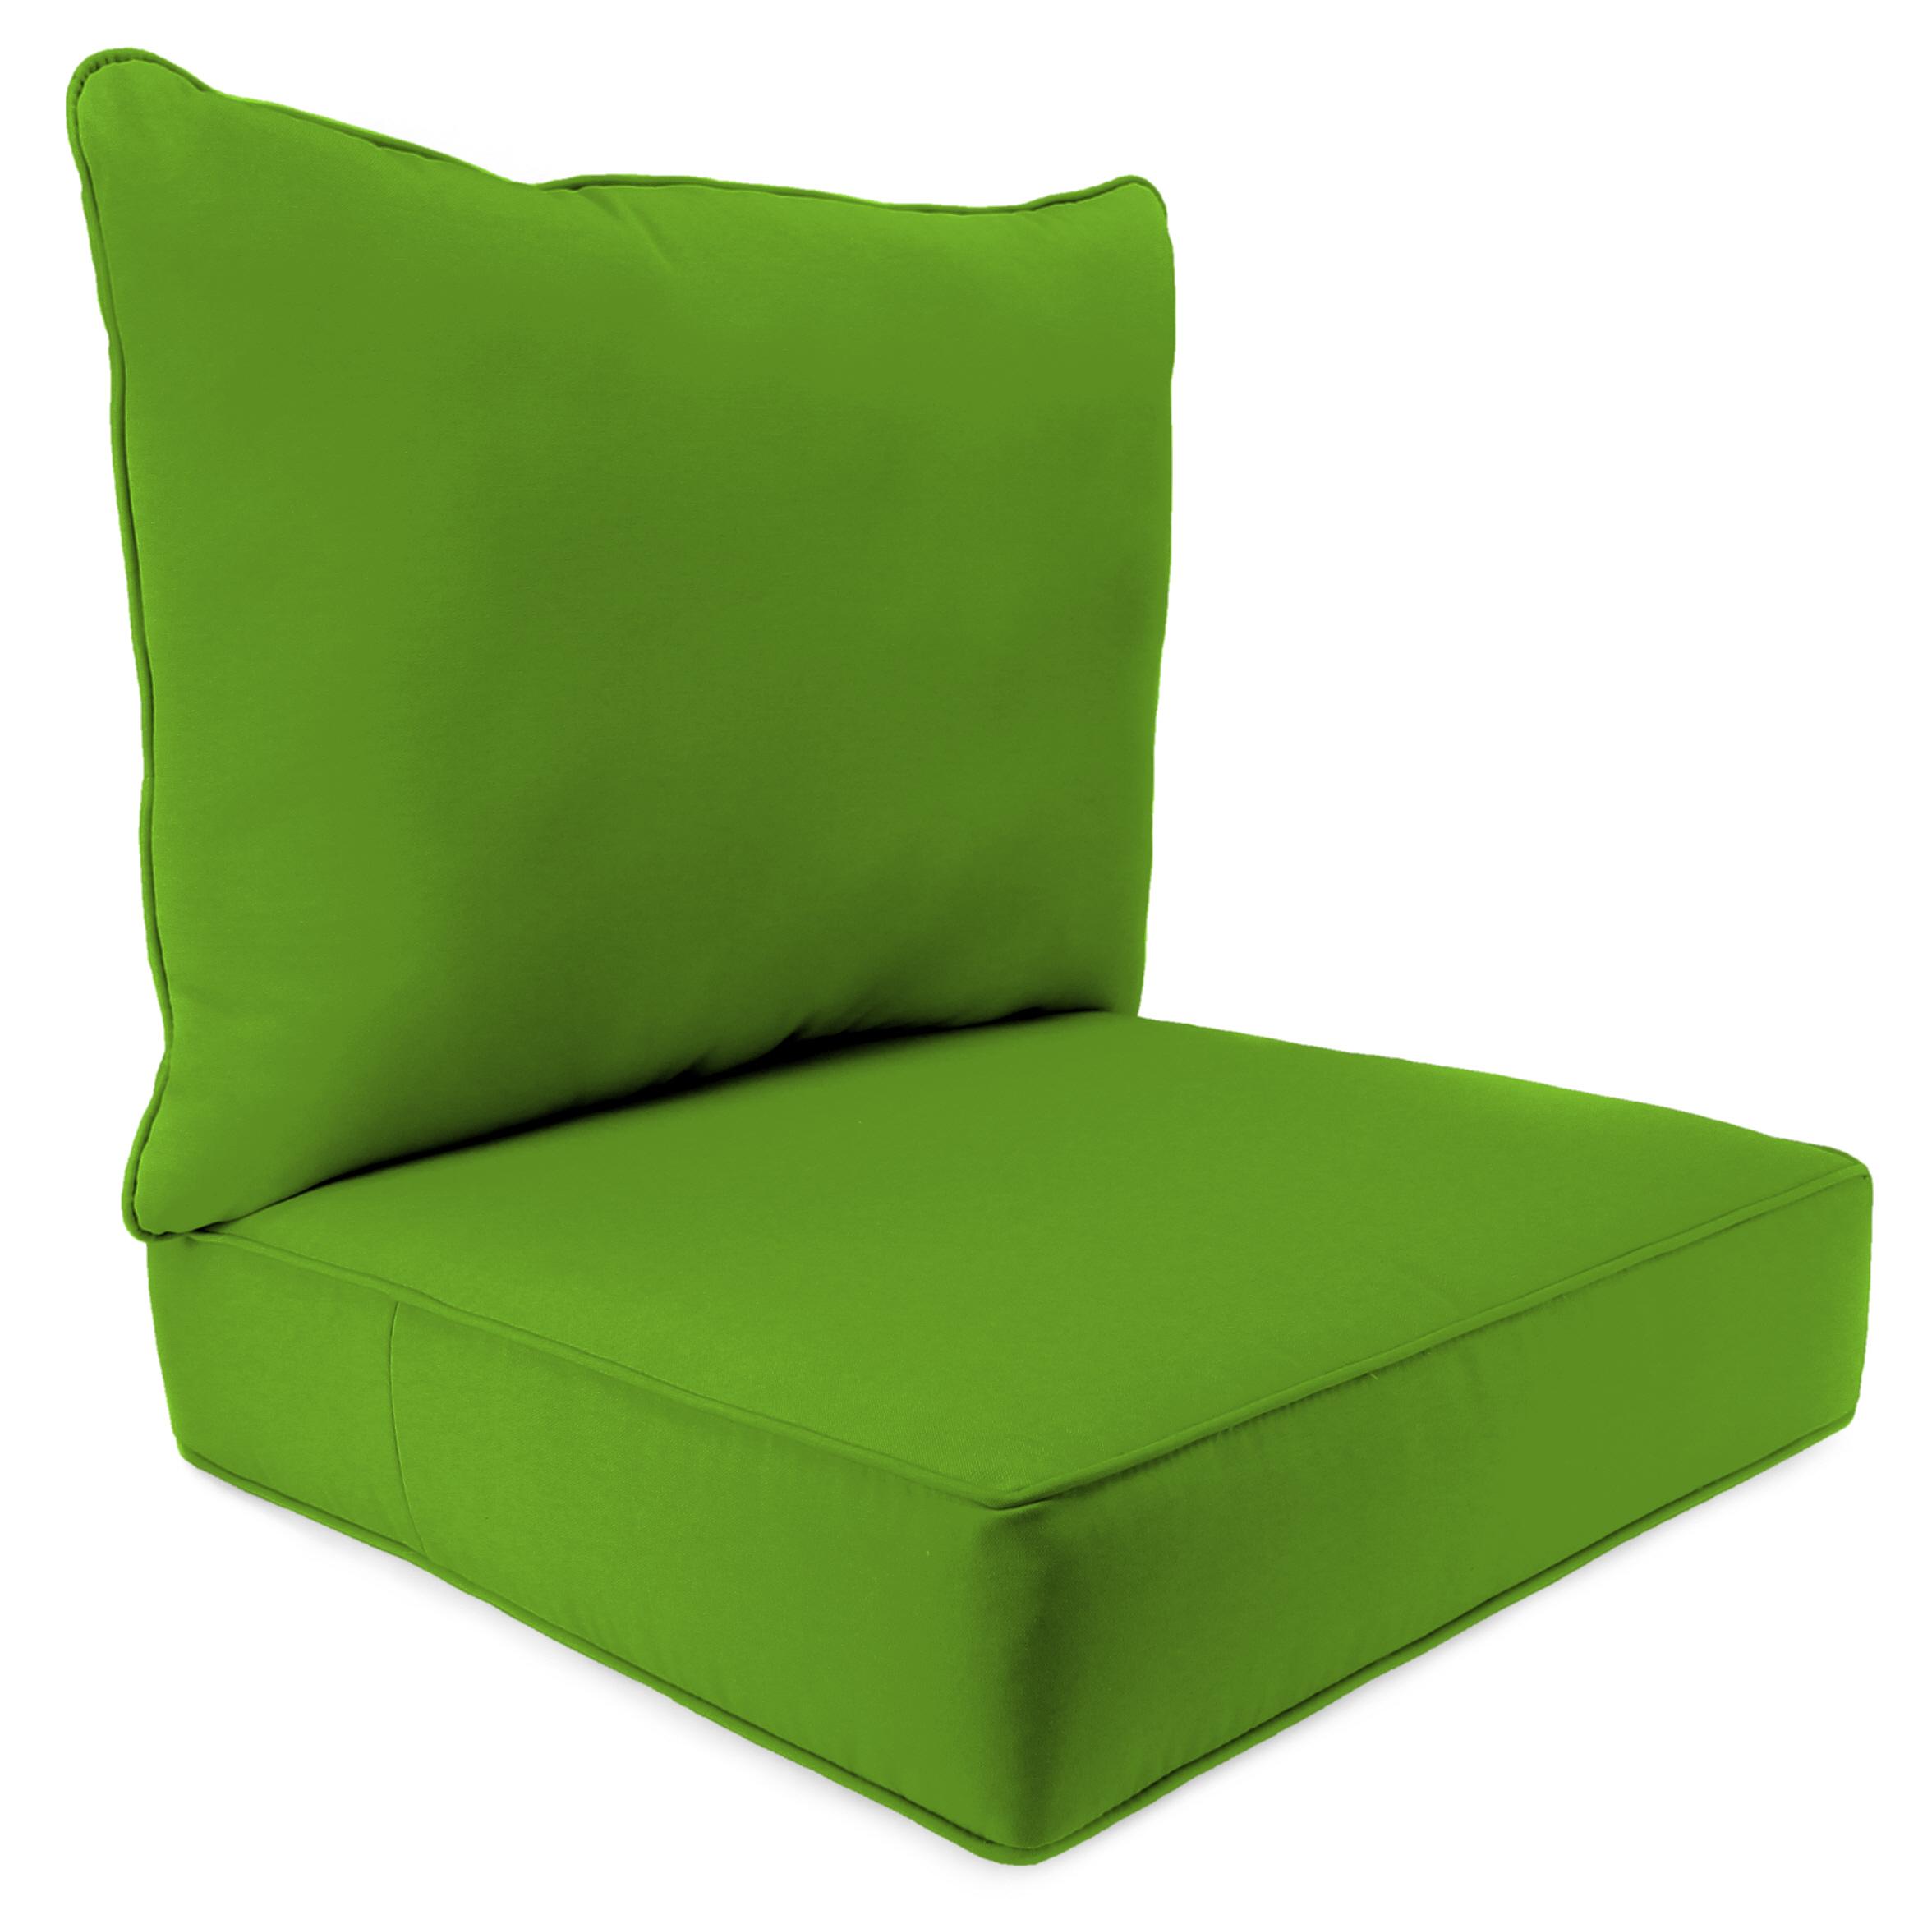 2 PC Deep Seat Chair Cushion